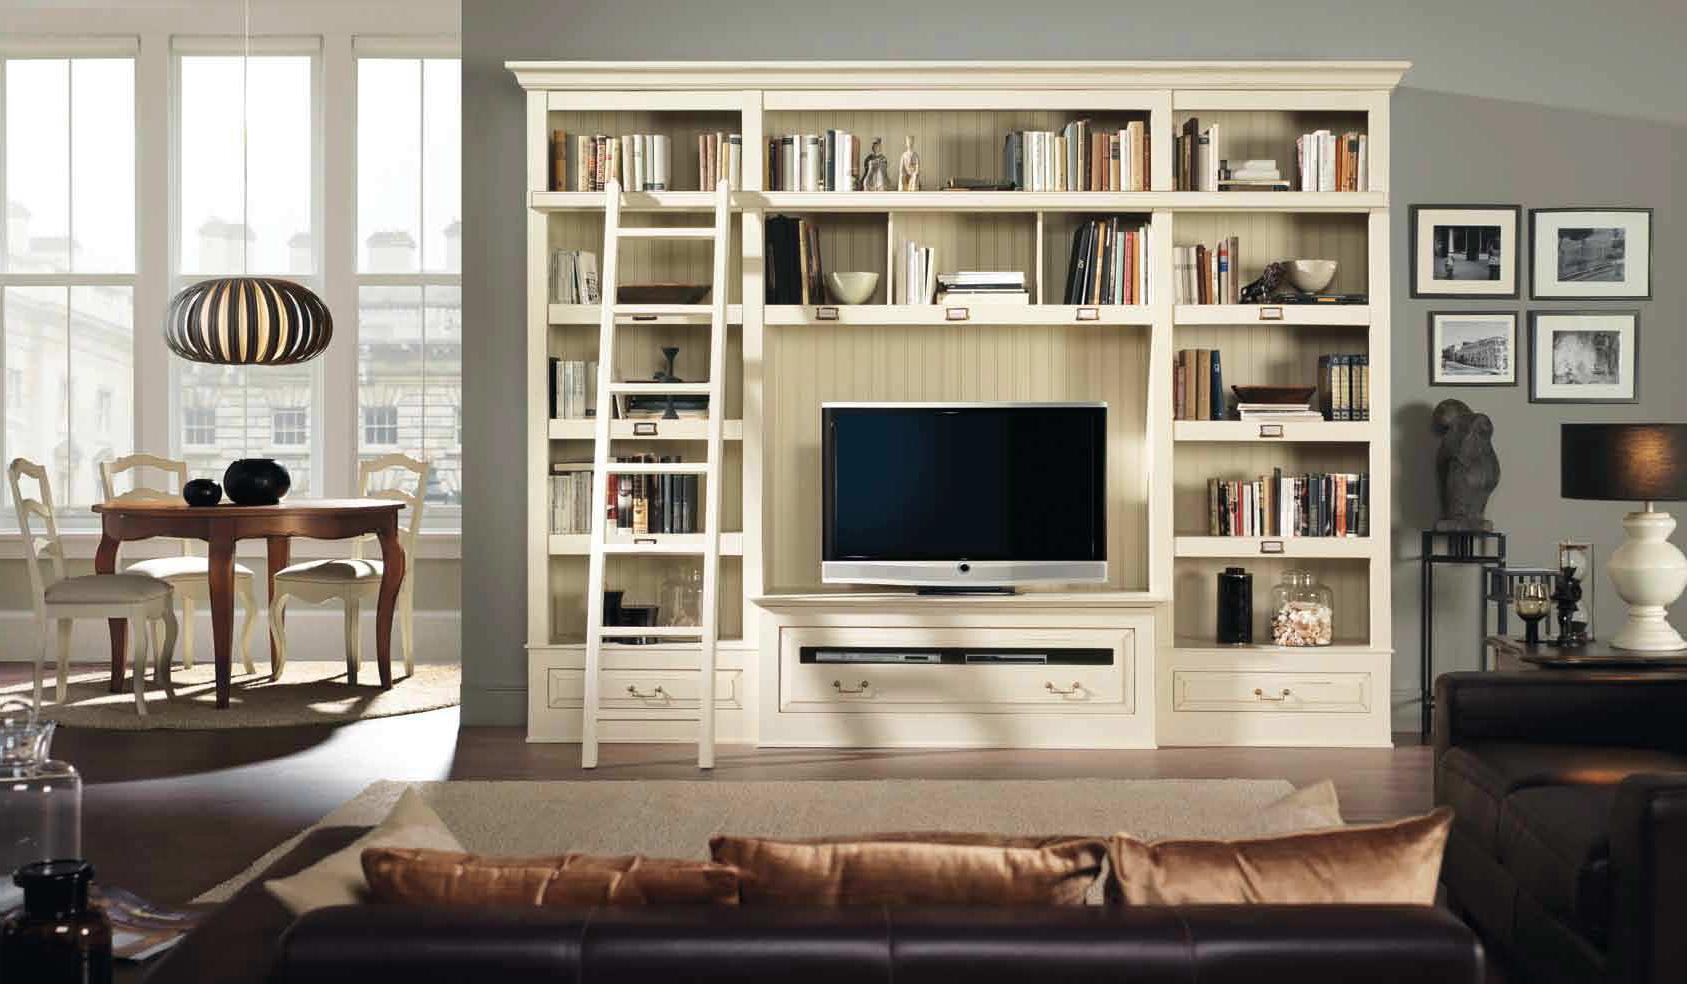 Muebles Librerias Qwdq Librerà A Mueble De Tv Clà Sico Urbano En Portobellostreet